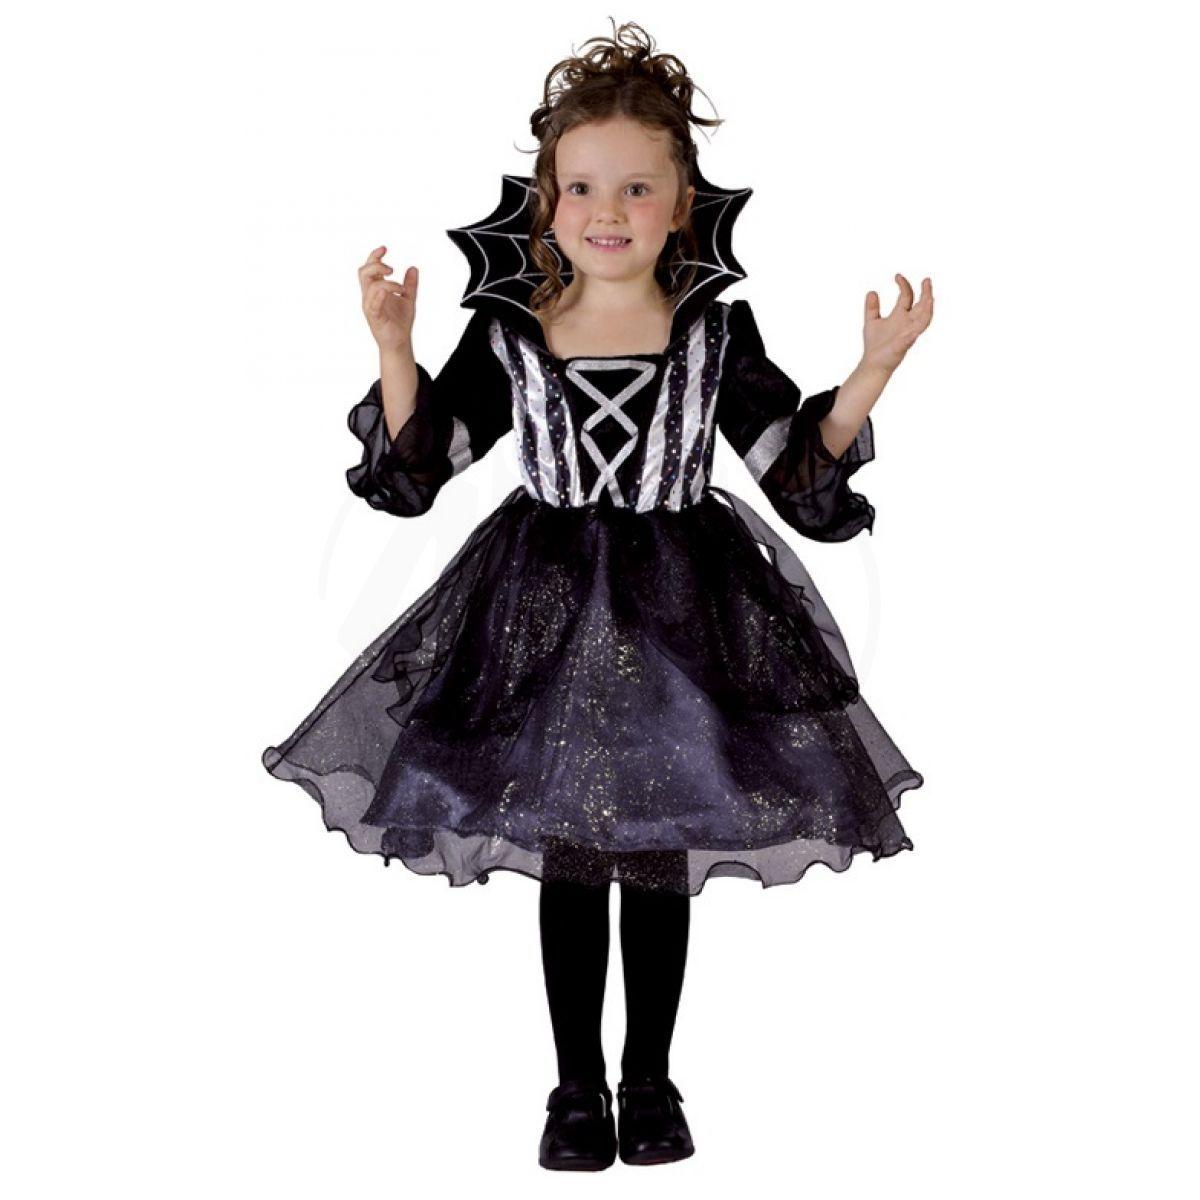 HM Studio Dětský kostým Pavoučí dívka 92 - 104 cm c8454e70d4a